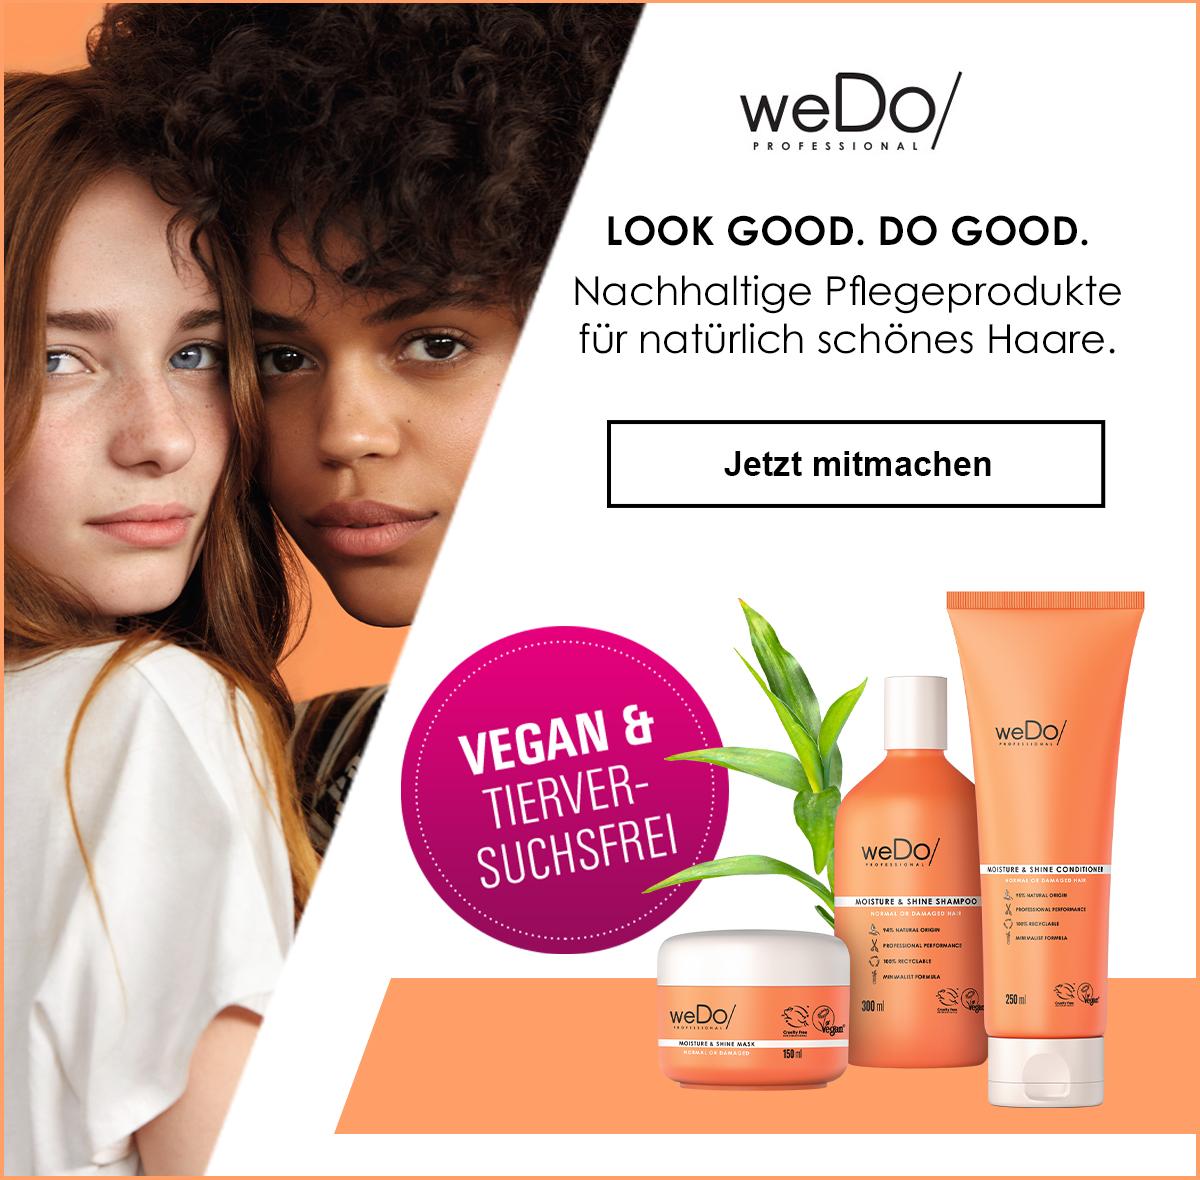 Dürfen wir vorstellen: Die neue Marke WeDo Professional!